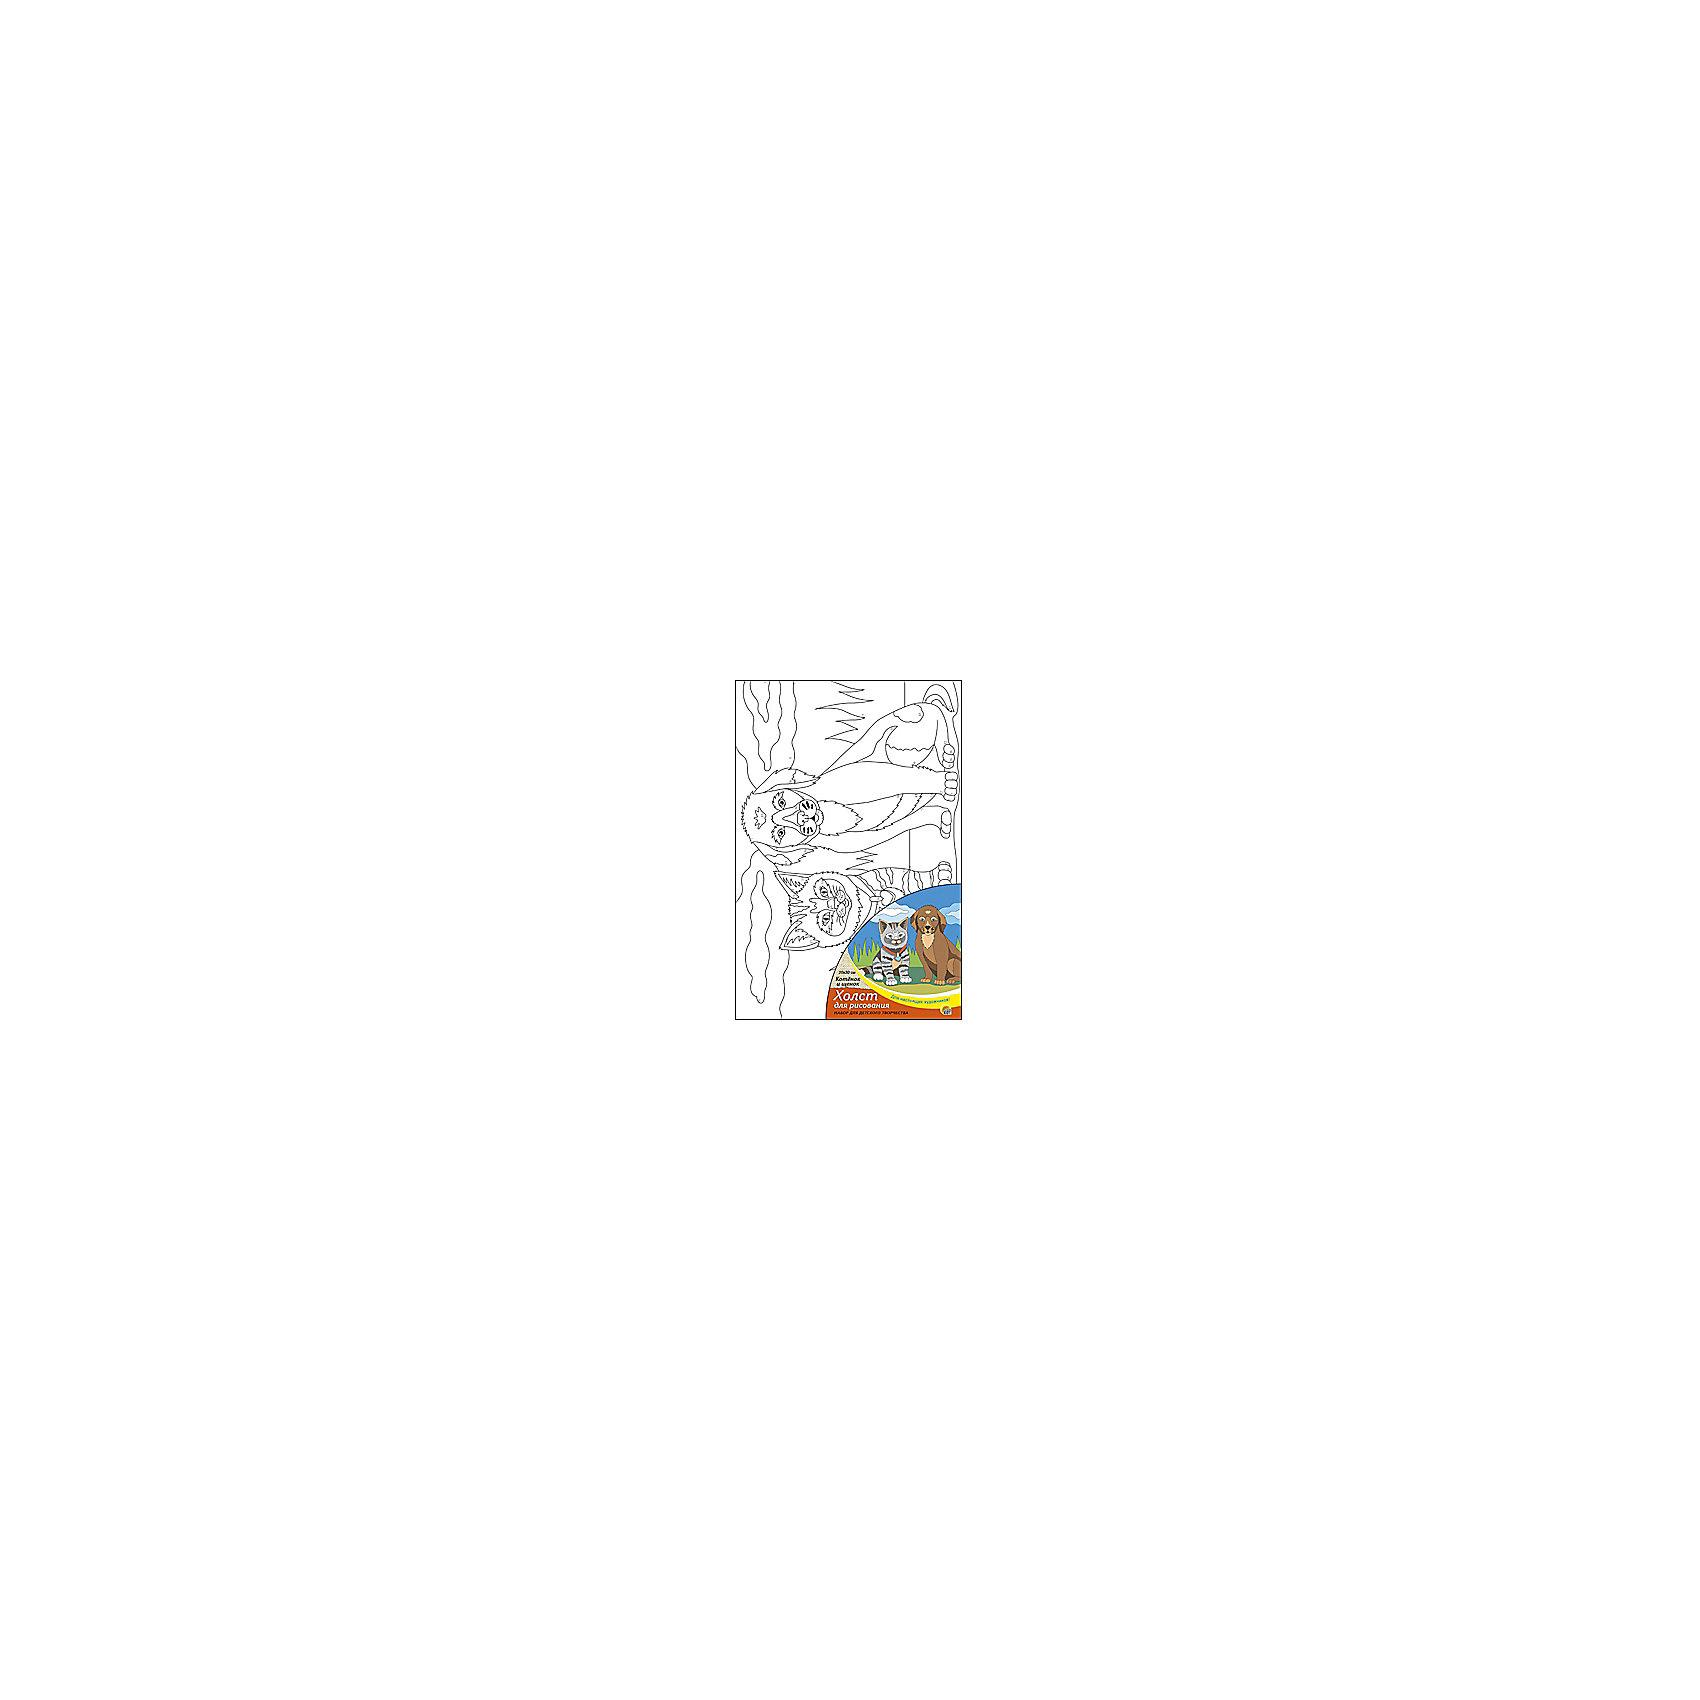 Холст с красками  по номерам Котёнок и щенок, 20х30 смРисование<br>С помощью холста с красками Котенок и щенок ребенок сможет создать настоящий шедевр своими руками! Для этого нужно лишь нанести краски по соответствующим номерам на холст. Рисование развивает внимательность, аккуратность и усидчивость. Отличный подарок маленьким художникам!<br><br>Дополнительная информация:<br>В наборе: холст-эскиз, 7 акриловых красок, кисточка<br>Размер: 20х1,5х30 см<br>Вес: 230 грамм<br>Холст с красками Котенок и щенок вы можете приобрести в нашем интернет-магазине.<br><br>Ширина мм: 300<br>Глубина мм: 15<br>Высота мм: 200<br>Вес г: 230<br>Возраст от месяцев: 36<br>Возраст до месяцев: 120<br>Пол: Унисекс<br>Возраст: Детский<br>SKU: 4939534